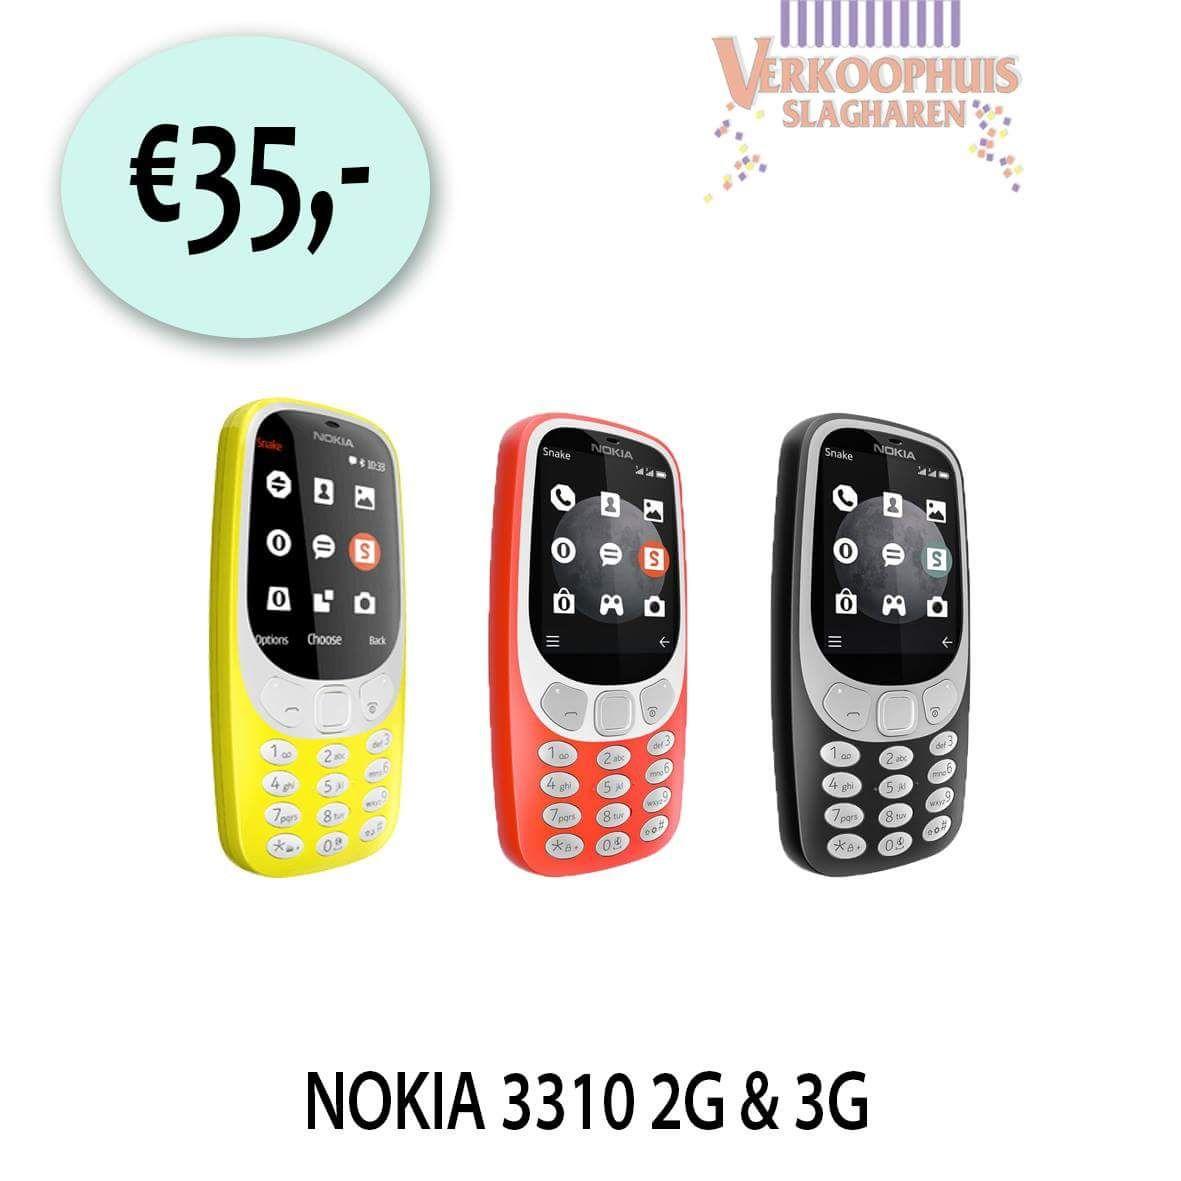 Nokia 3310 2G/3G €35,- @Het Verkoophuis Slagharen